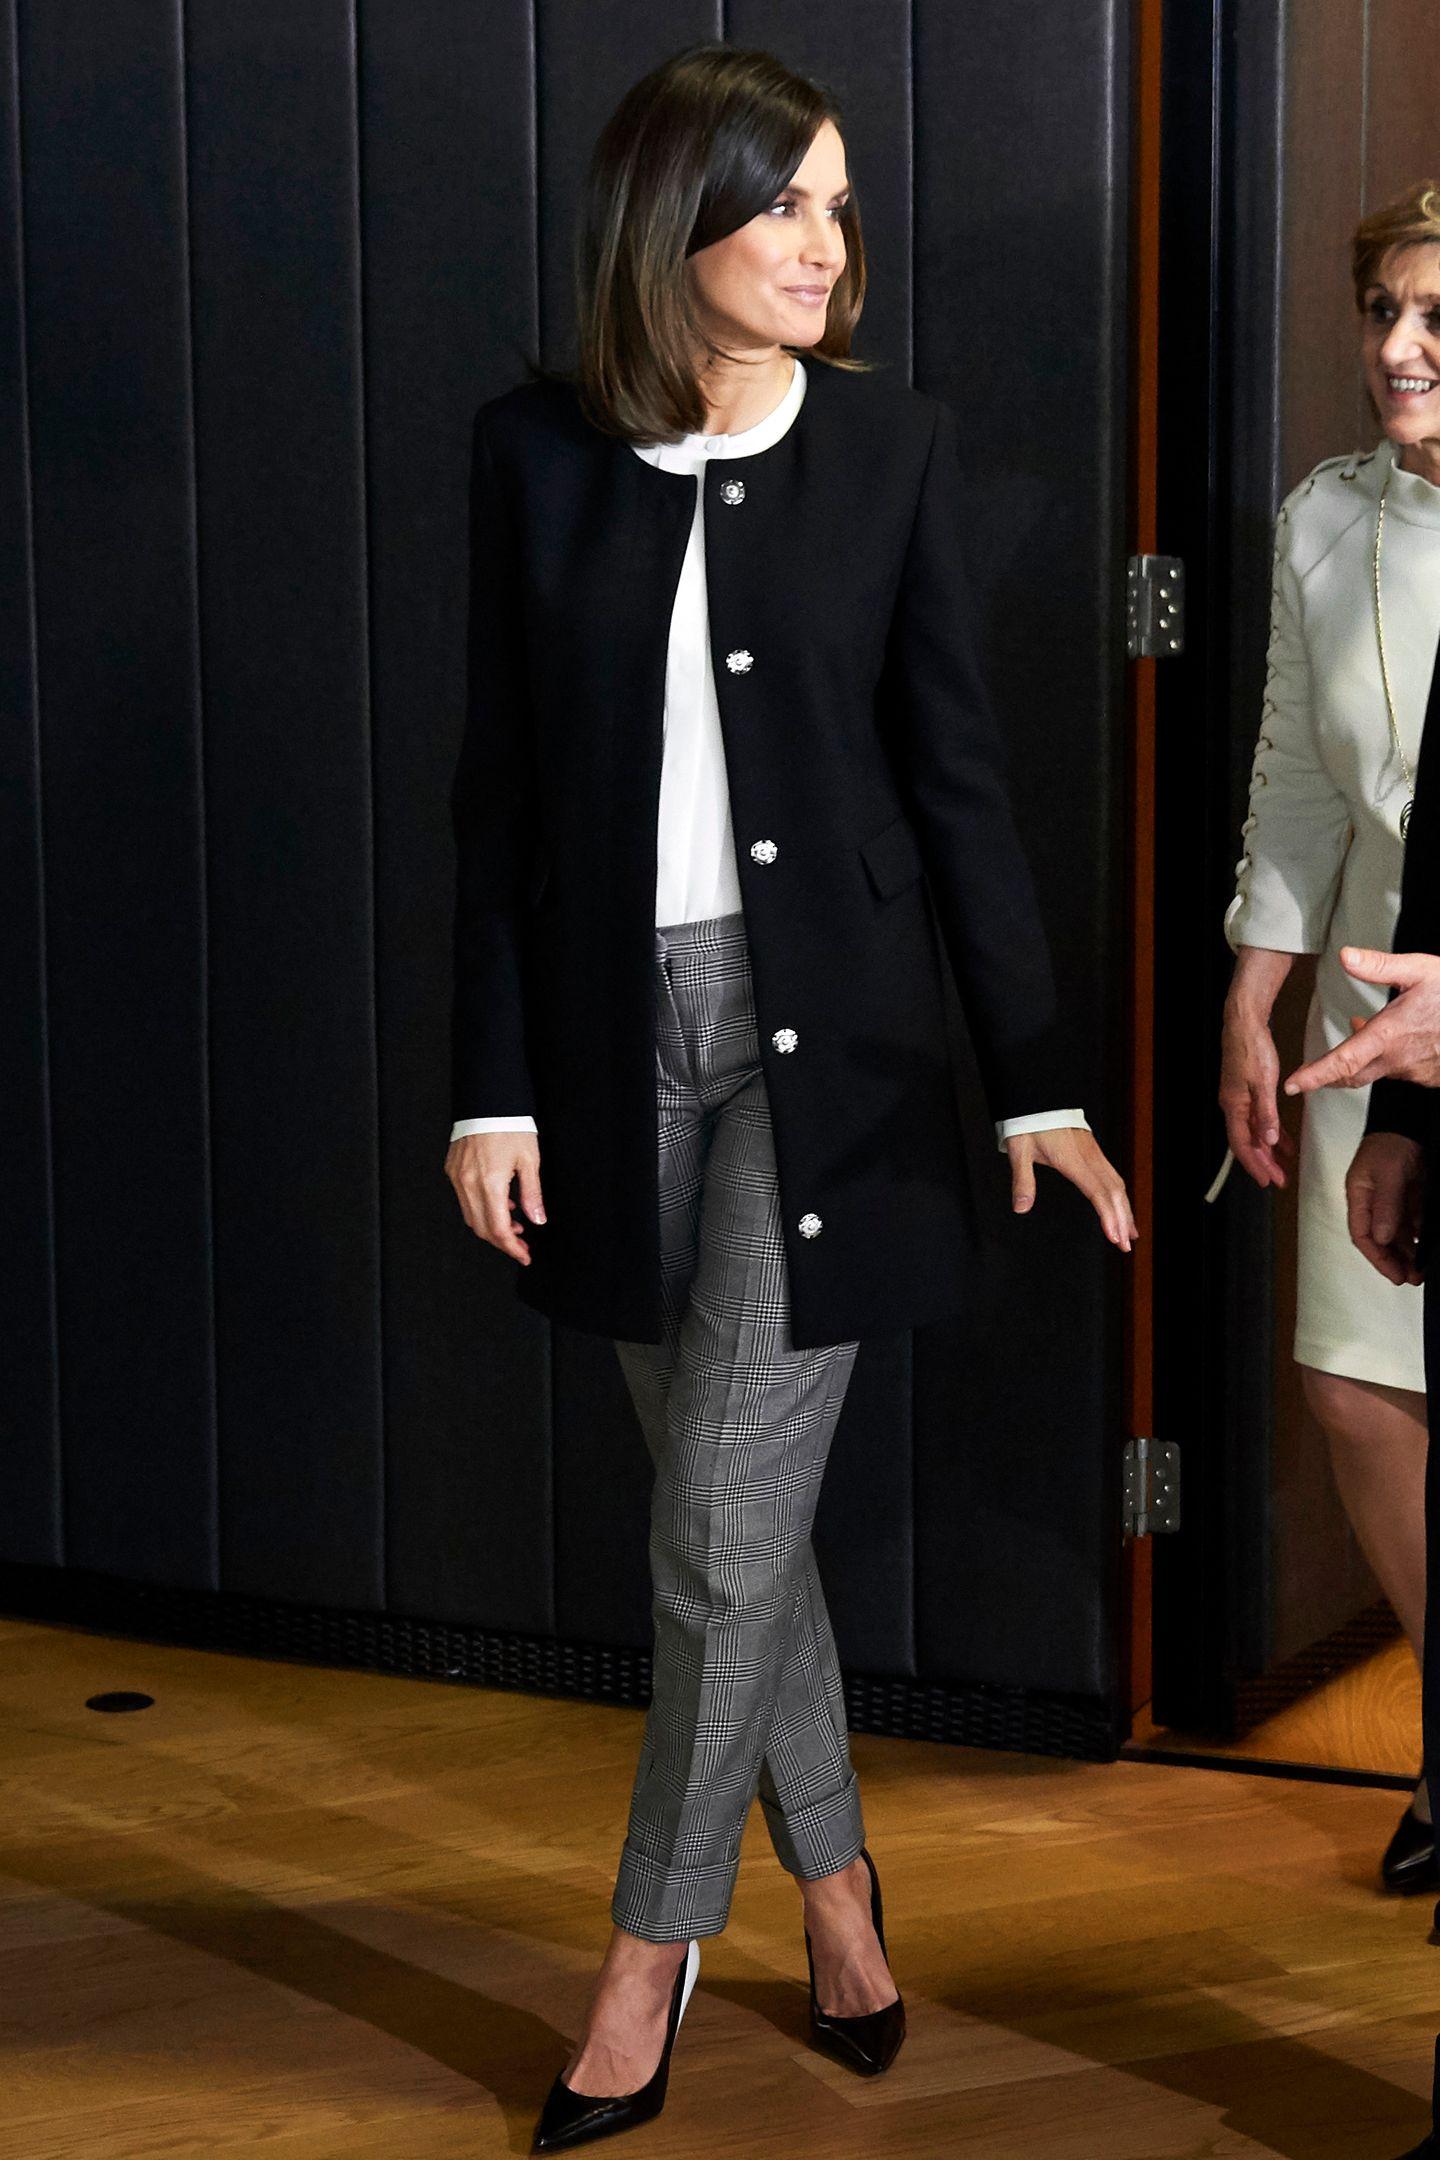 Auf den ersten Blick ist dieser Look von Königin Letizia perfekt. Zu einer grau karierten Hose kombiniert sie eine weiße Bluse und einen schwarzen, dünnen Mantel mit Druckknöpfen. Doch tatsächlich zeigt dieses Outfit mehr als Letizia lieb sein dürfte ...